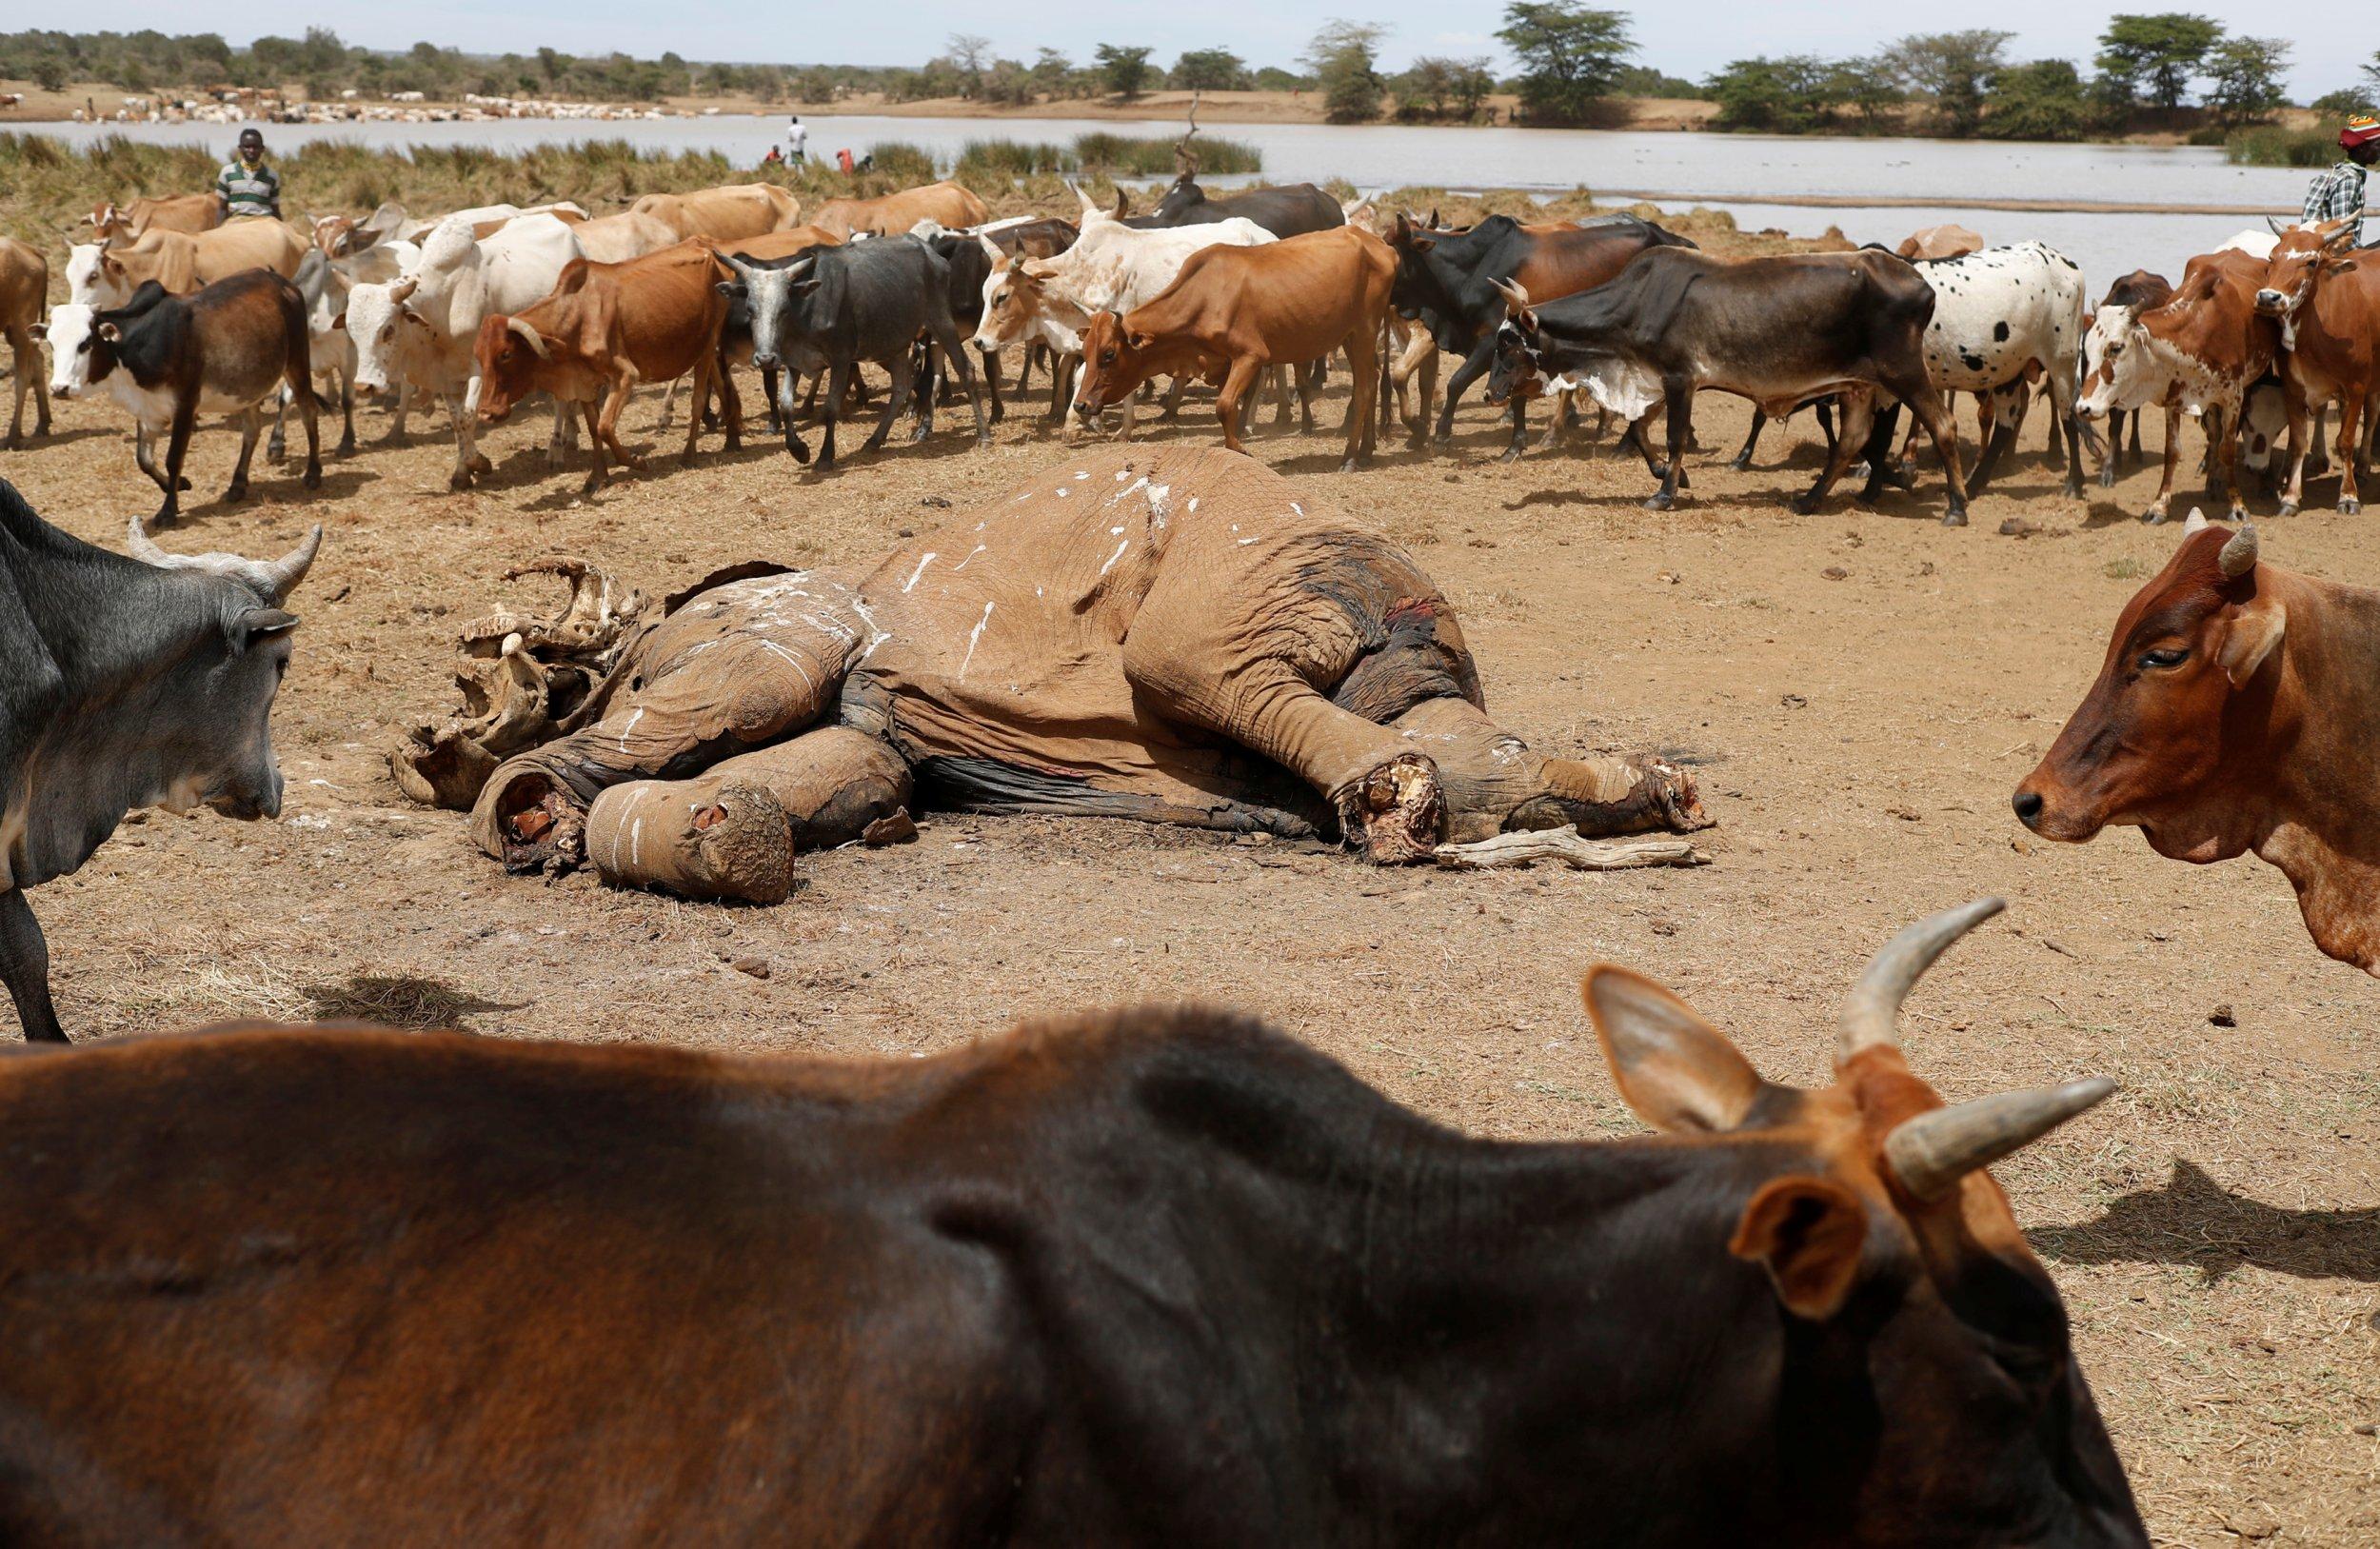 Kenya elephant carcass